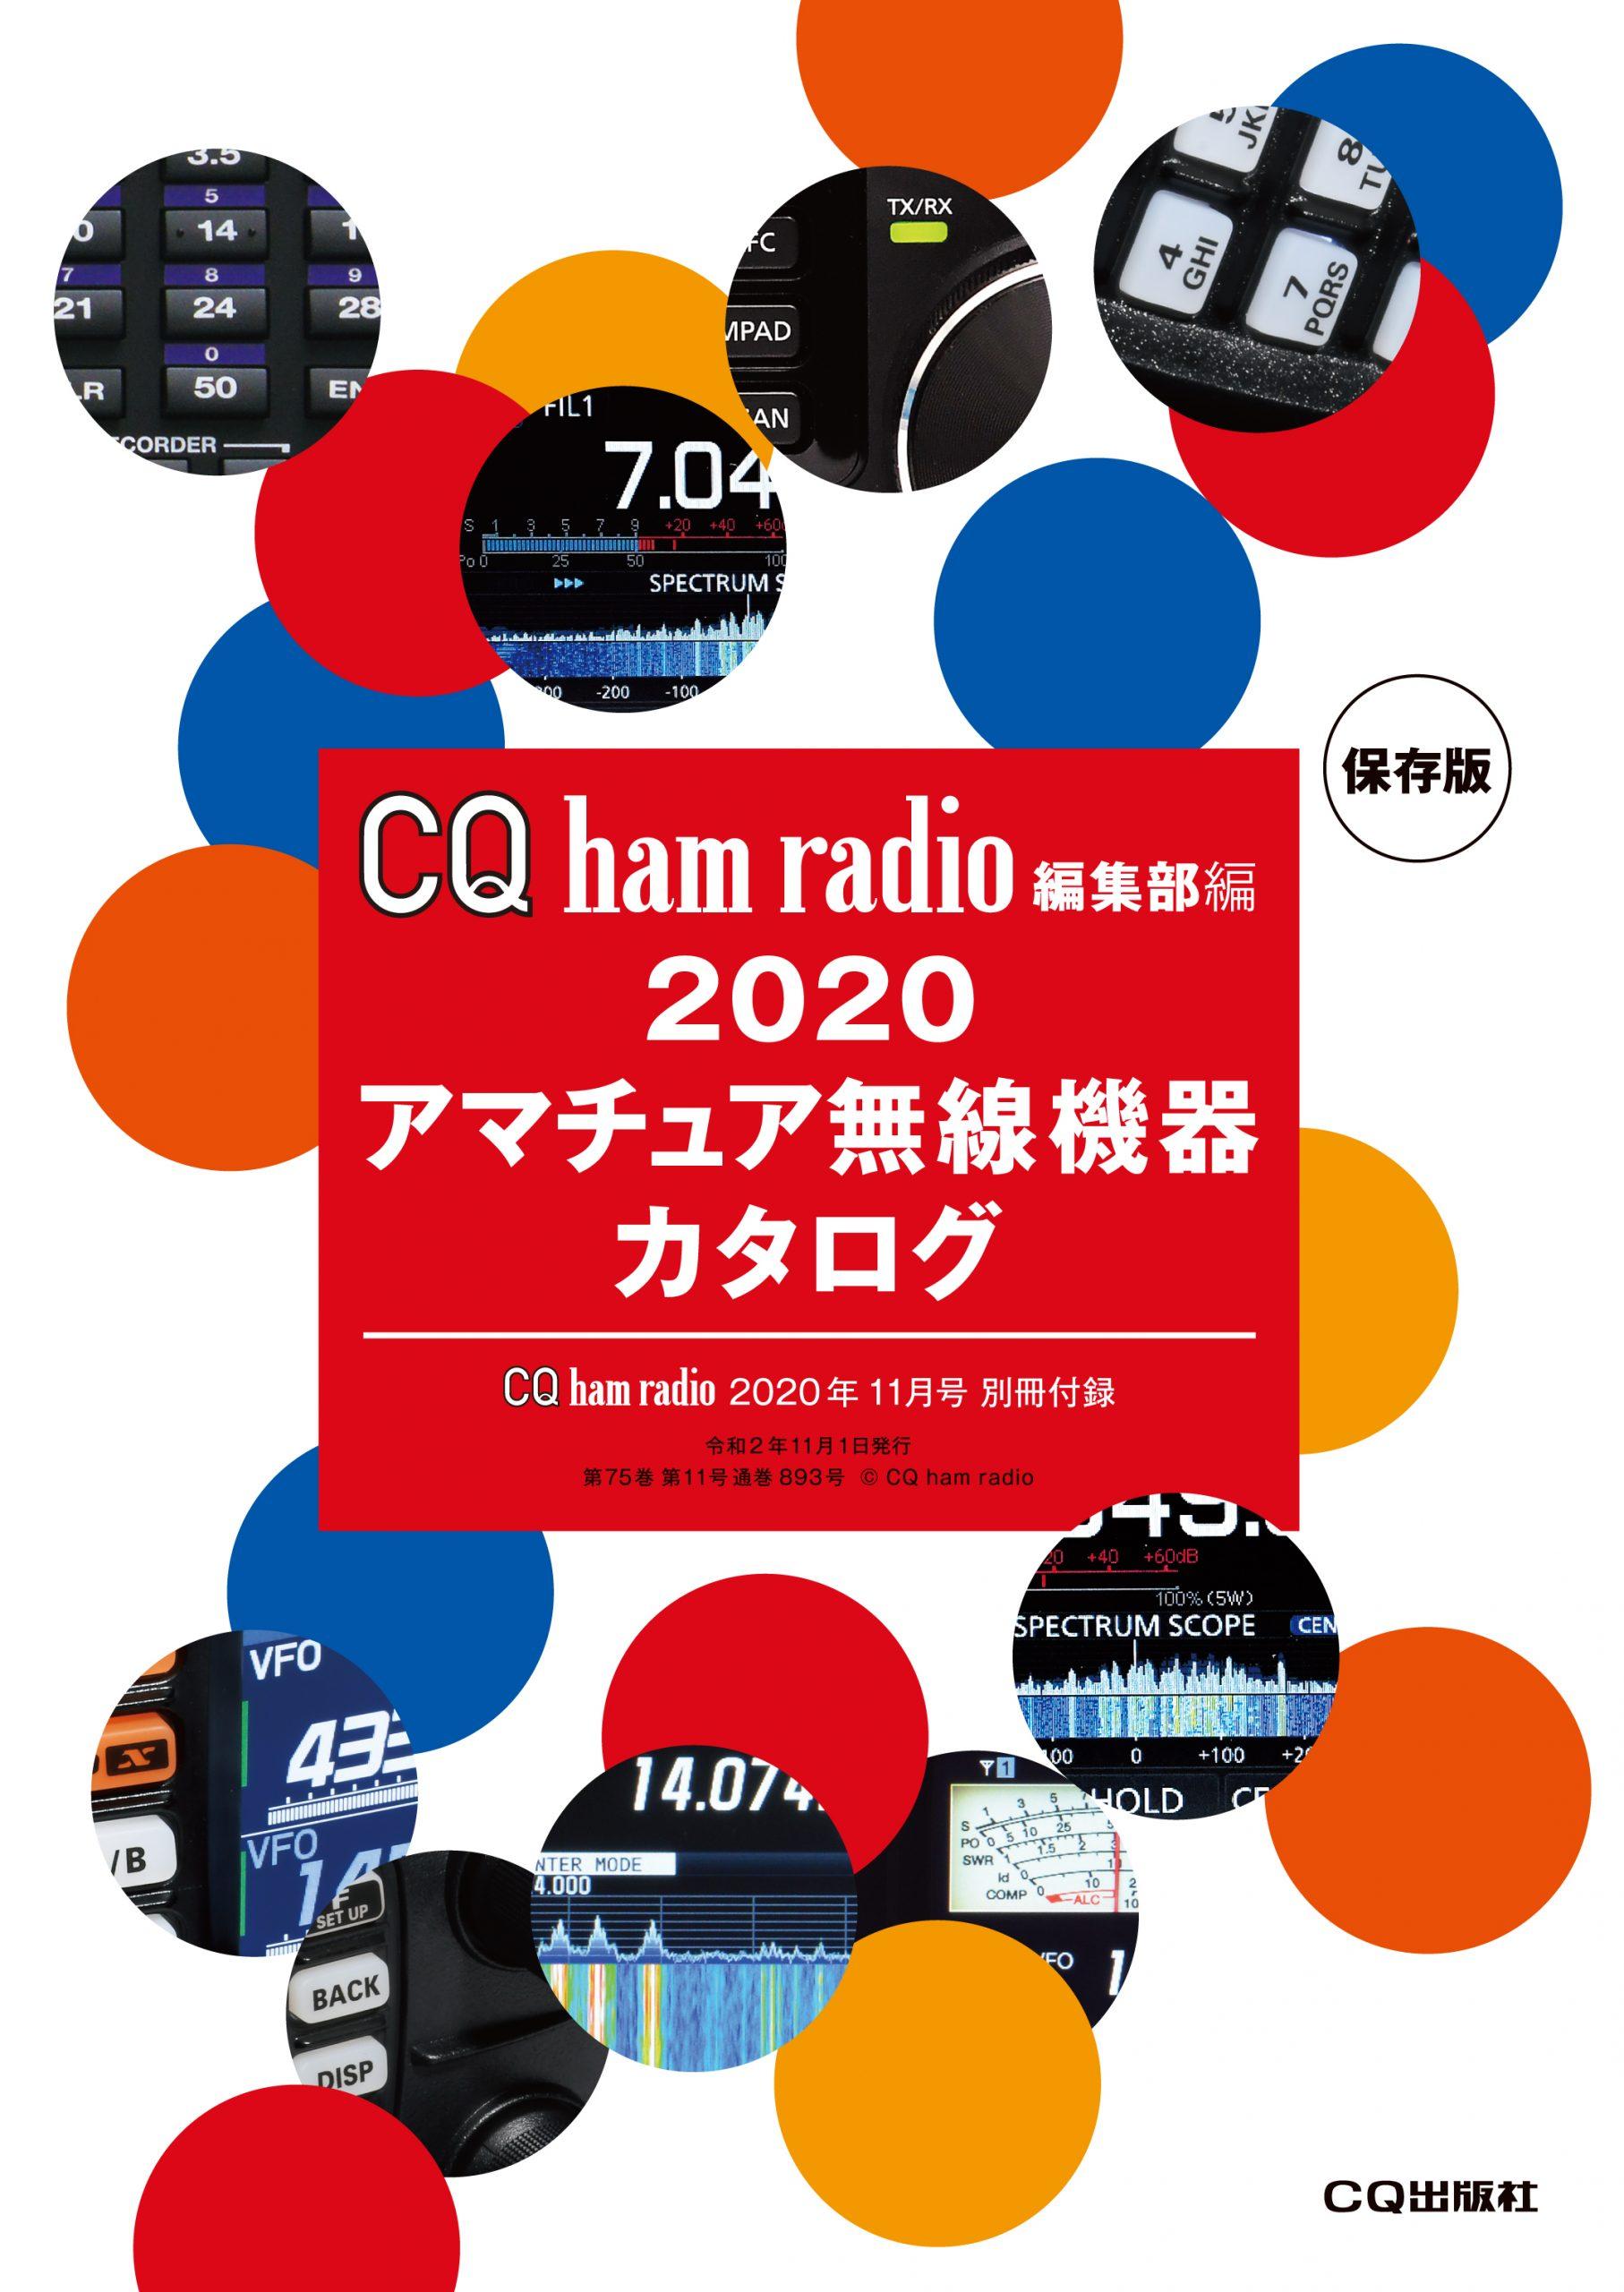 CQ ham radio 2020年11月号 2020 アマチュア無線機器カタログ